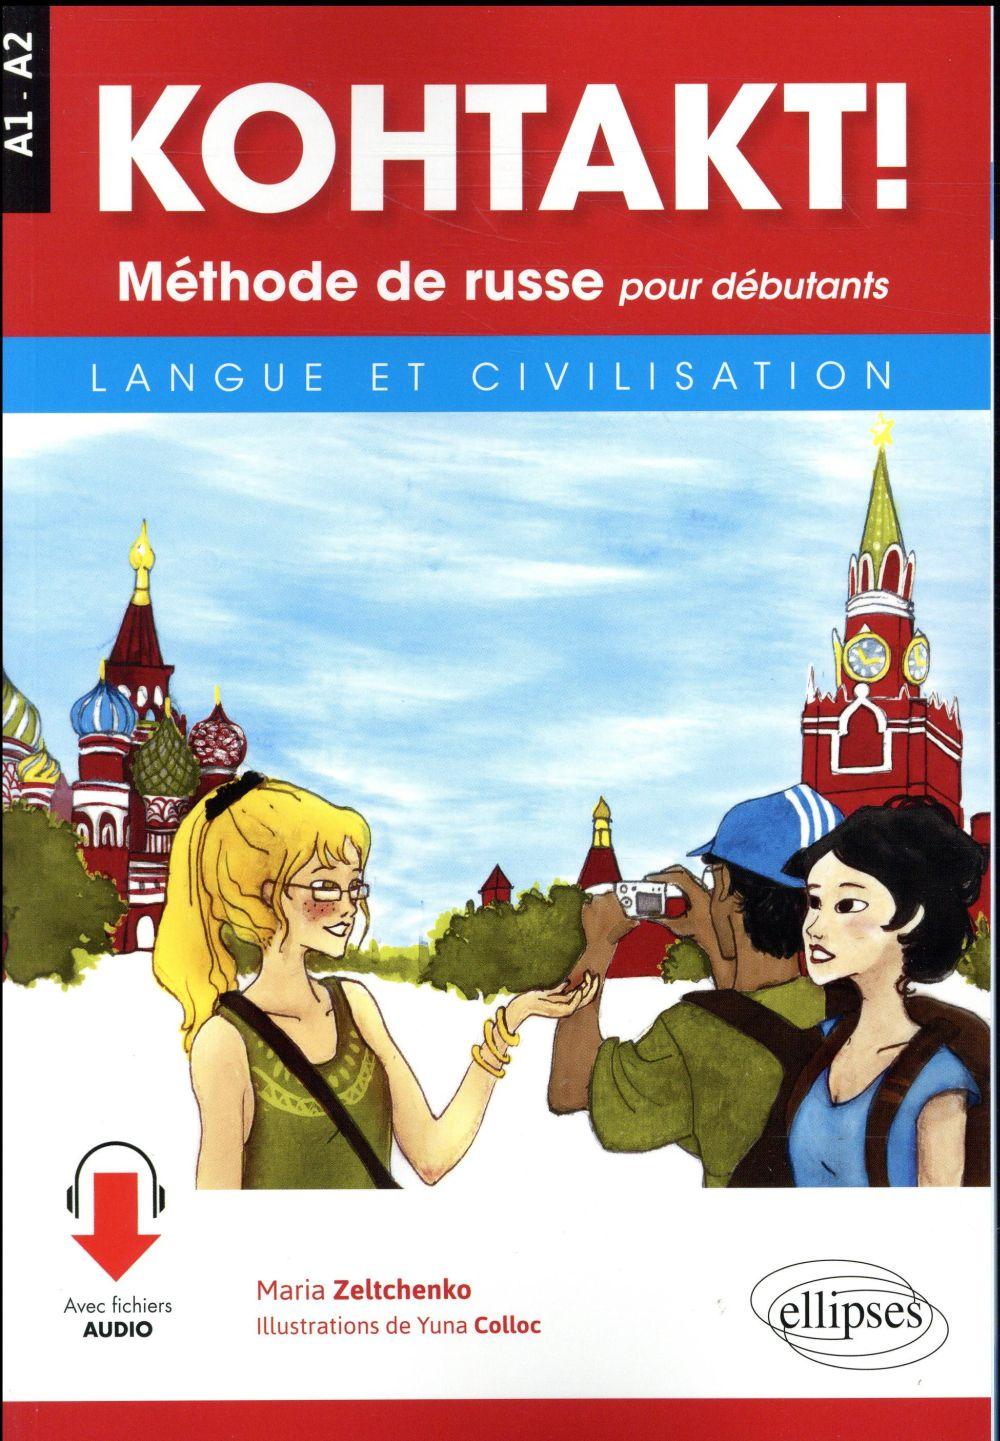 KOHTAKT !  -  METHODE DE RUSSE POUR DEBUTANTS  -  LANGUE ET CIVILISATION  -  A1>A2